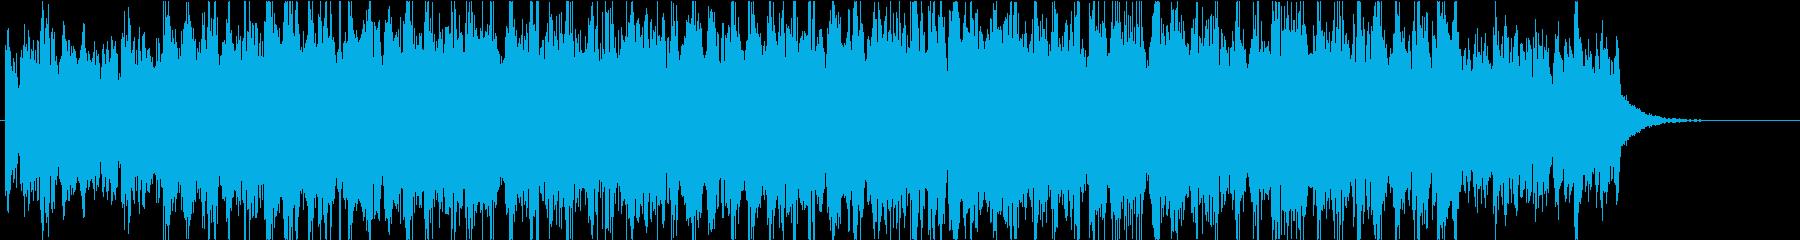 幻想的でパワフルなエレクトロジングルの再生済みの波形